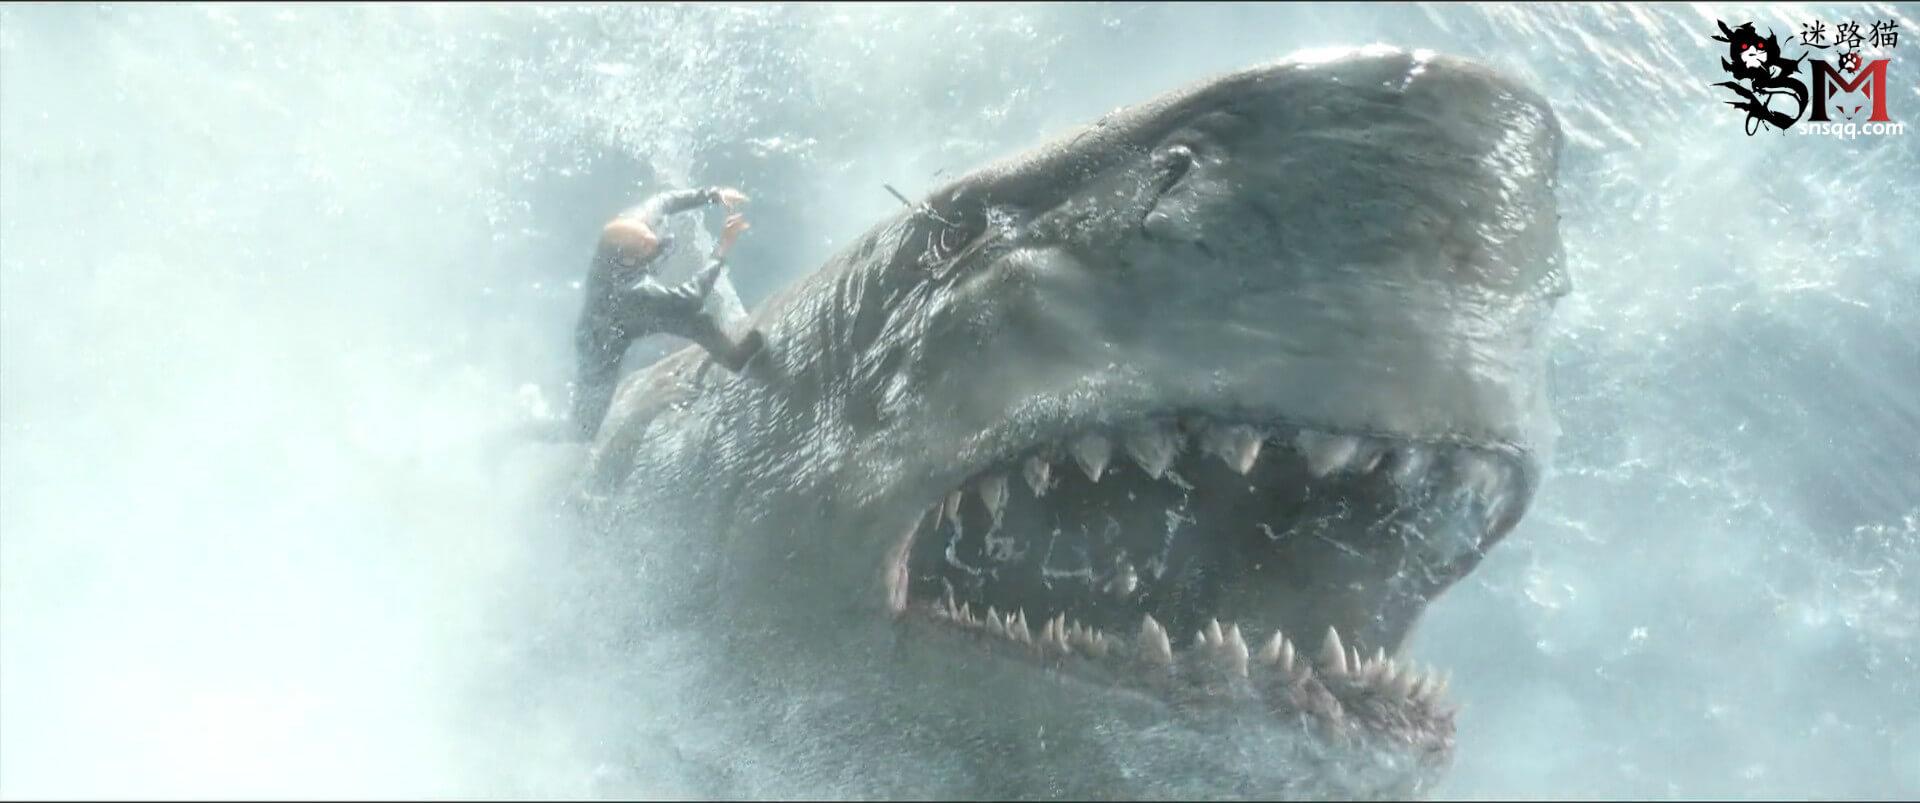 《巨齿鲨》著名跳水运动员郭达斯坦森大战鲨鱼辣椒